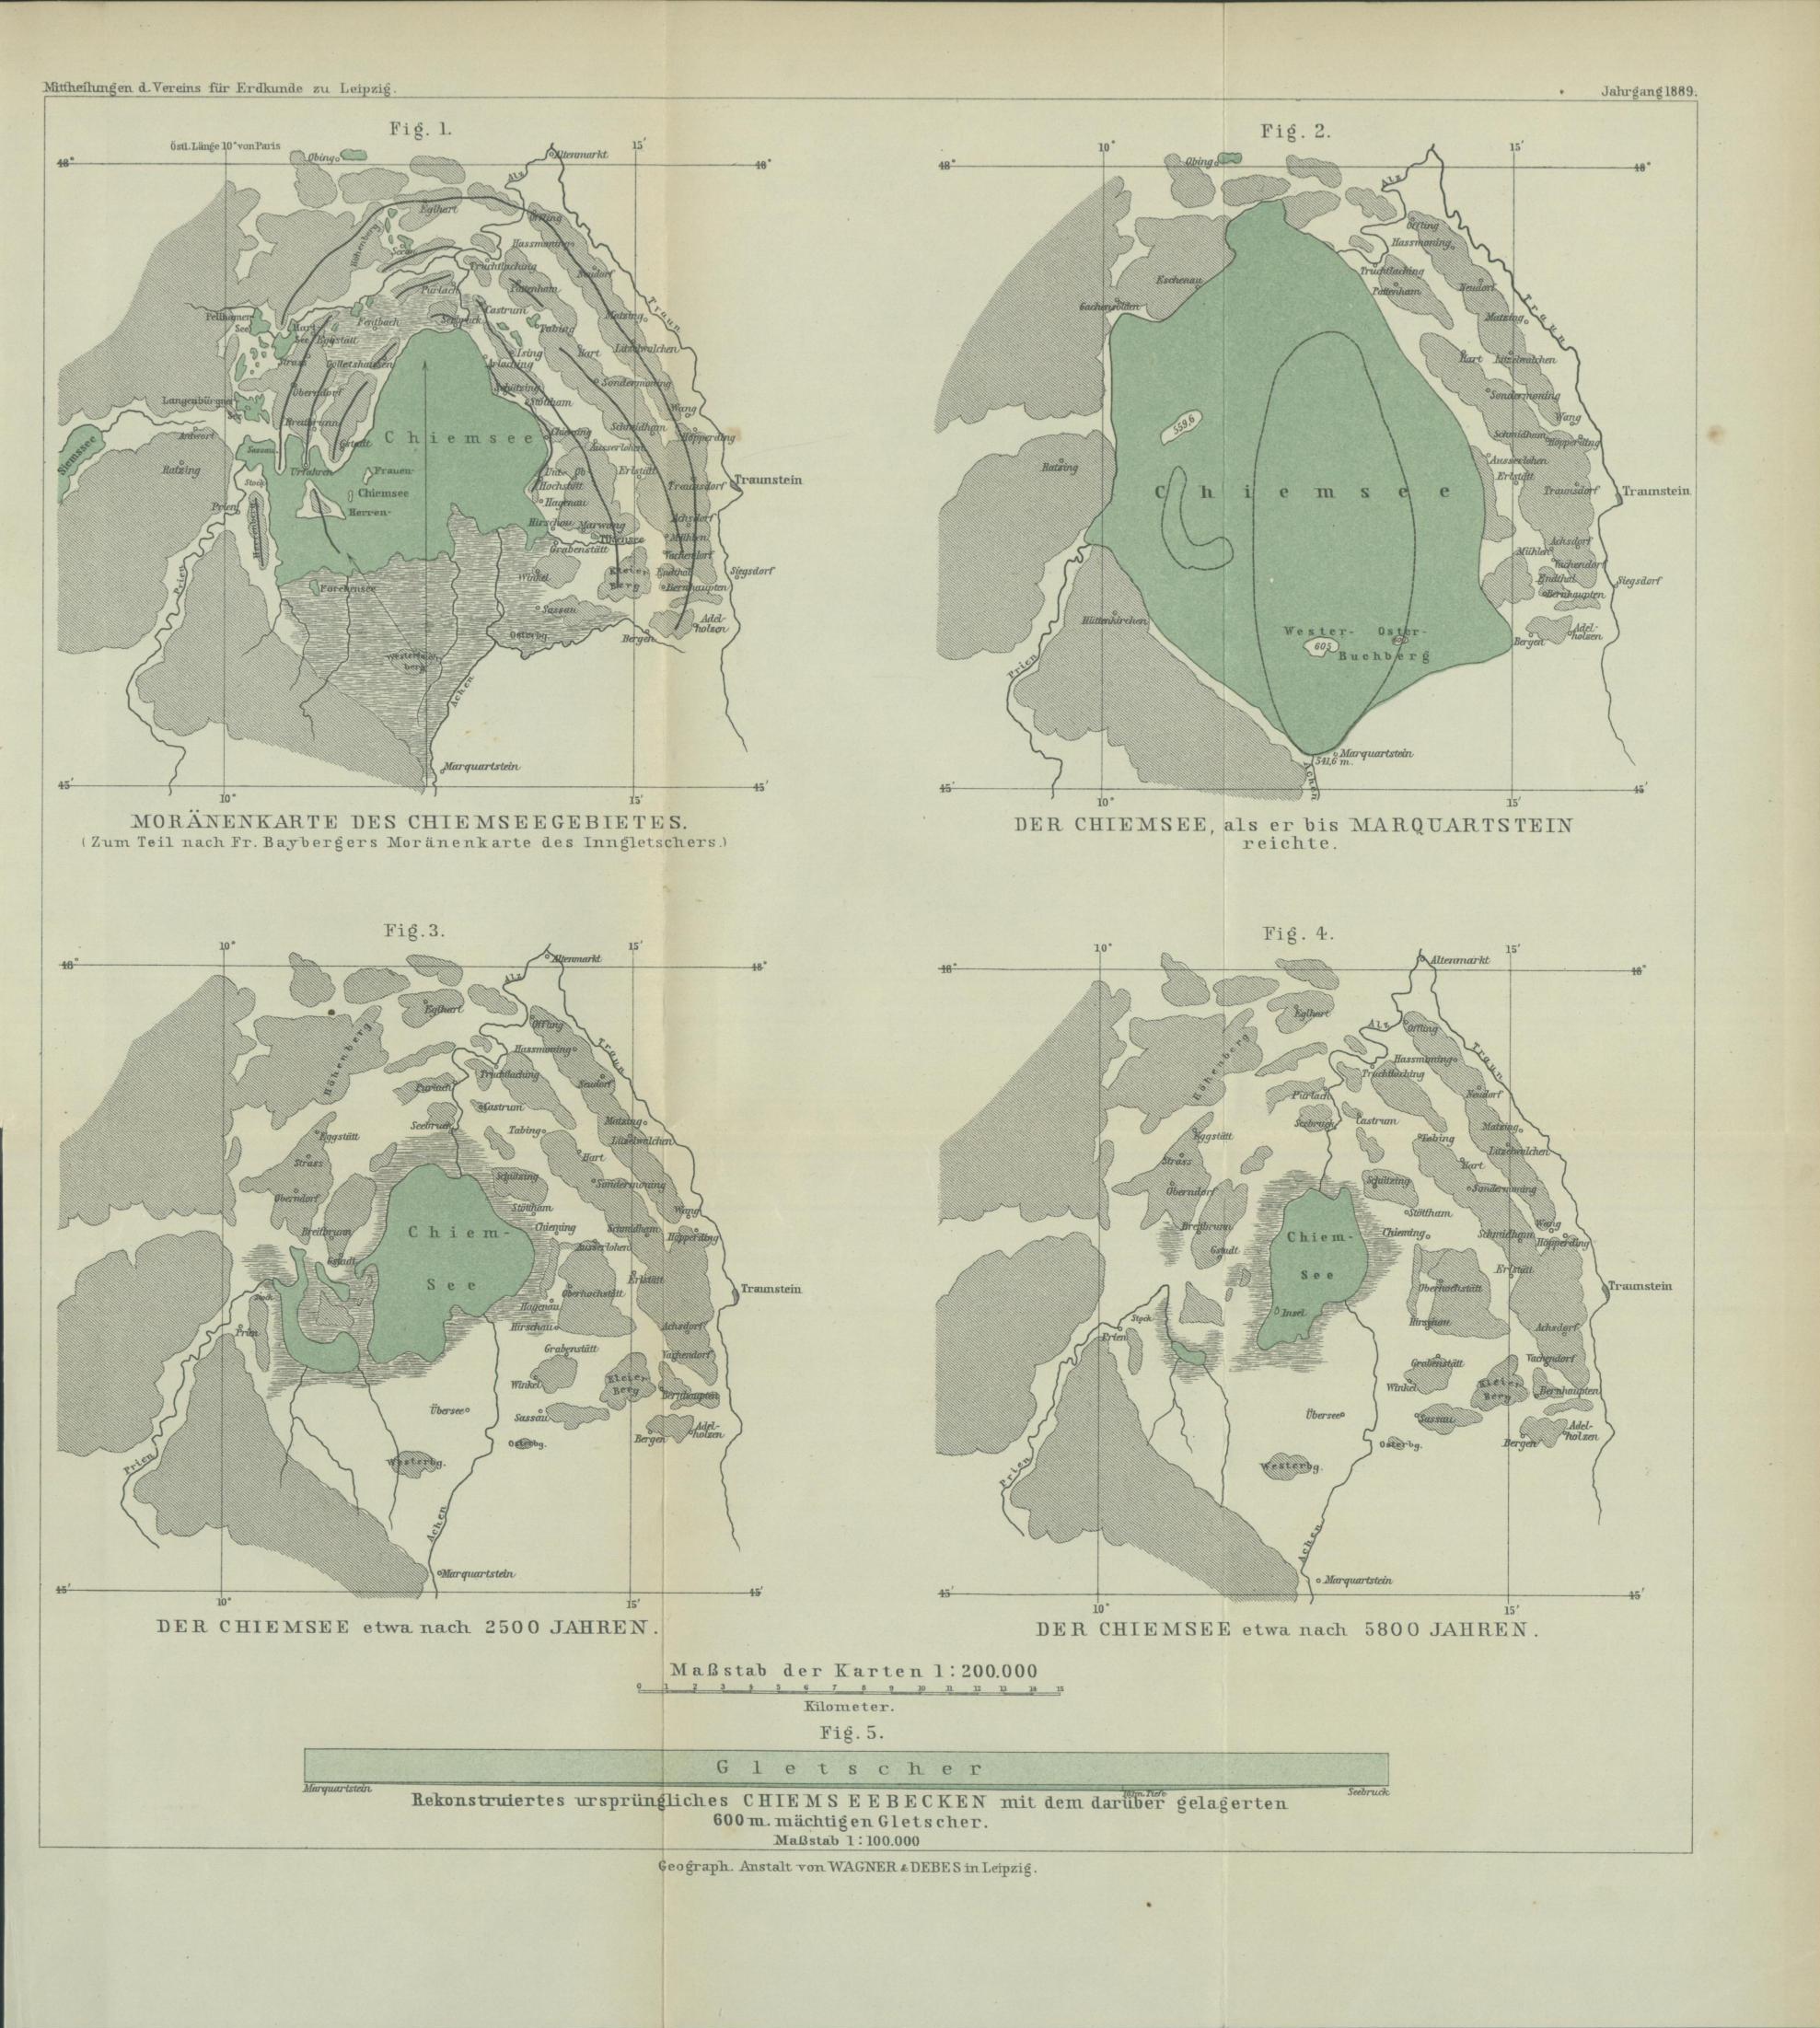 Chiemsee Karte.Datei Chiemsee Karte Moränen Vergangenheit Zukunft Jpg Wikipedia